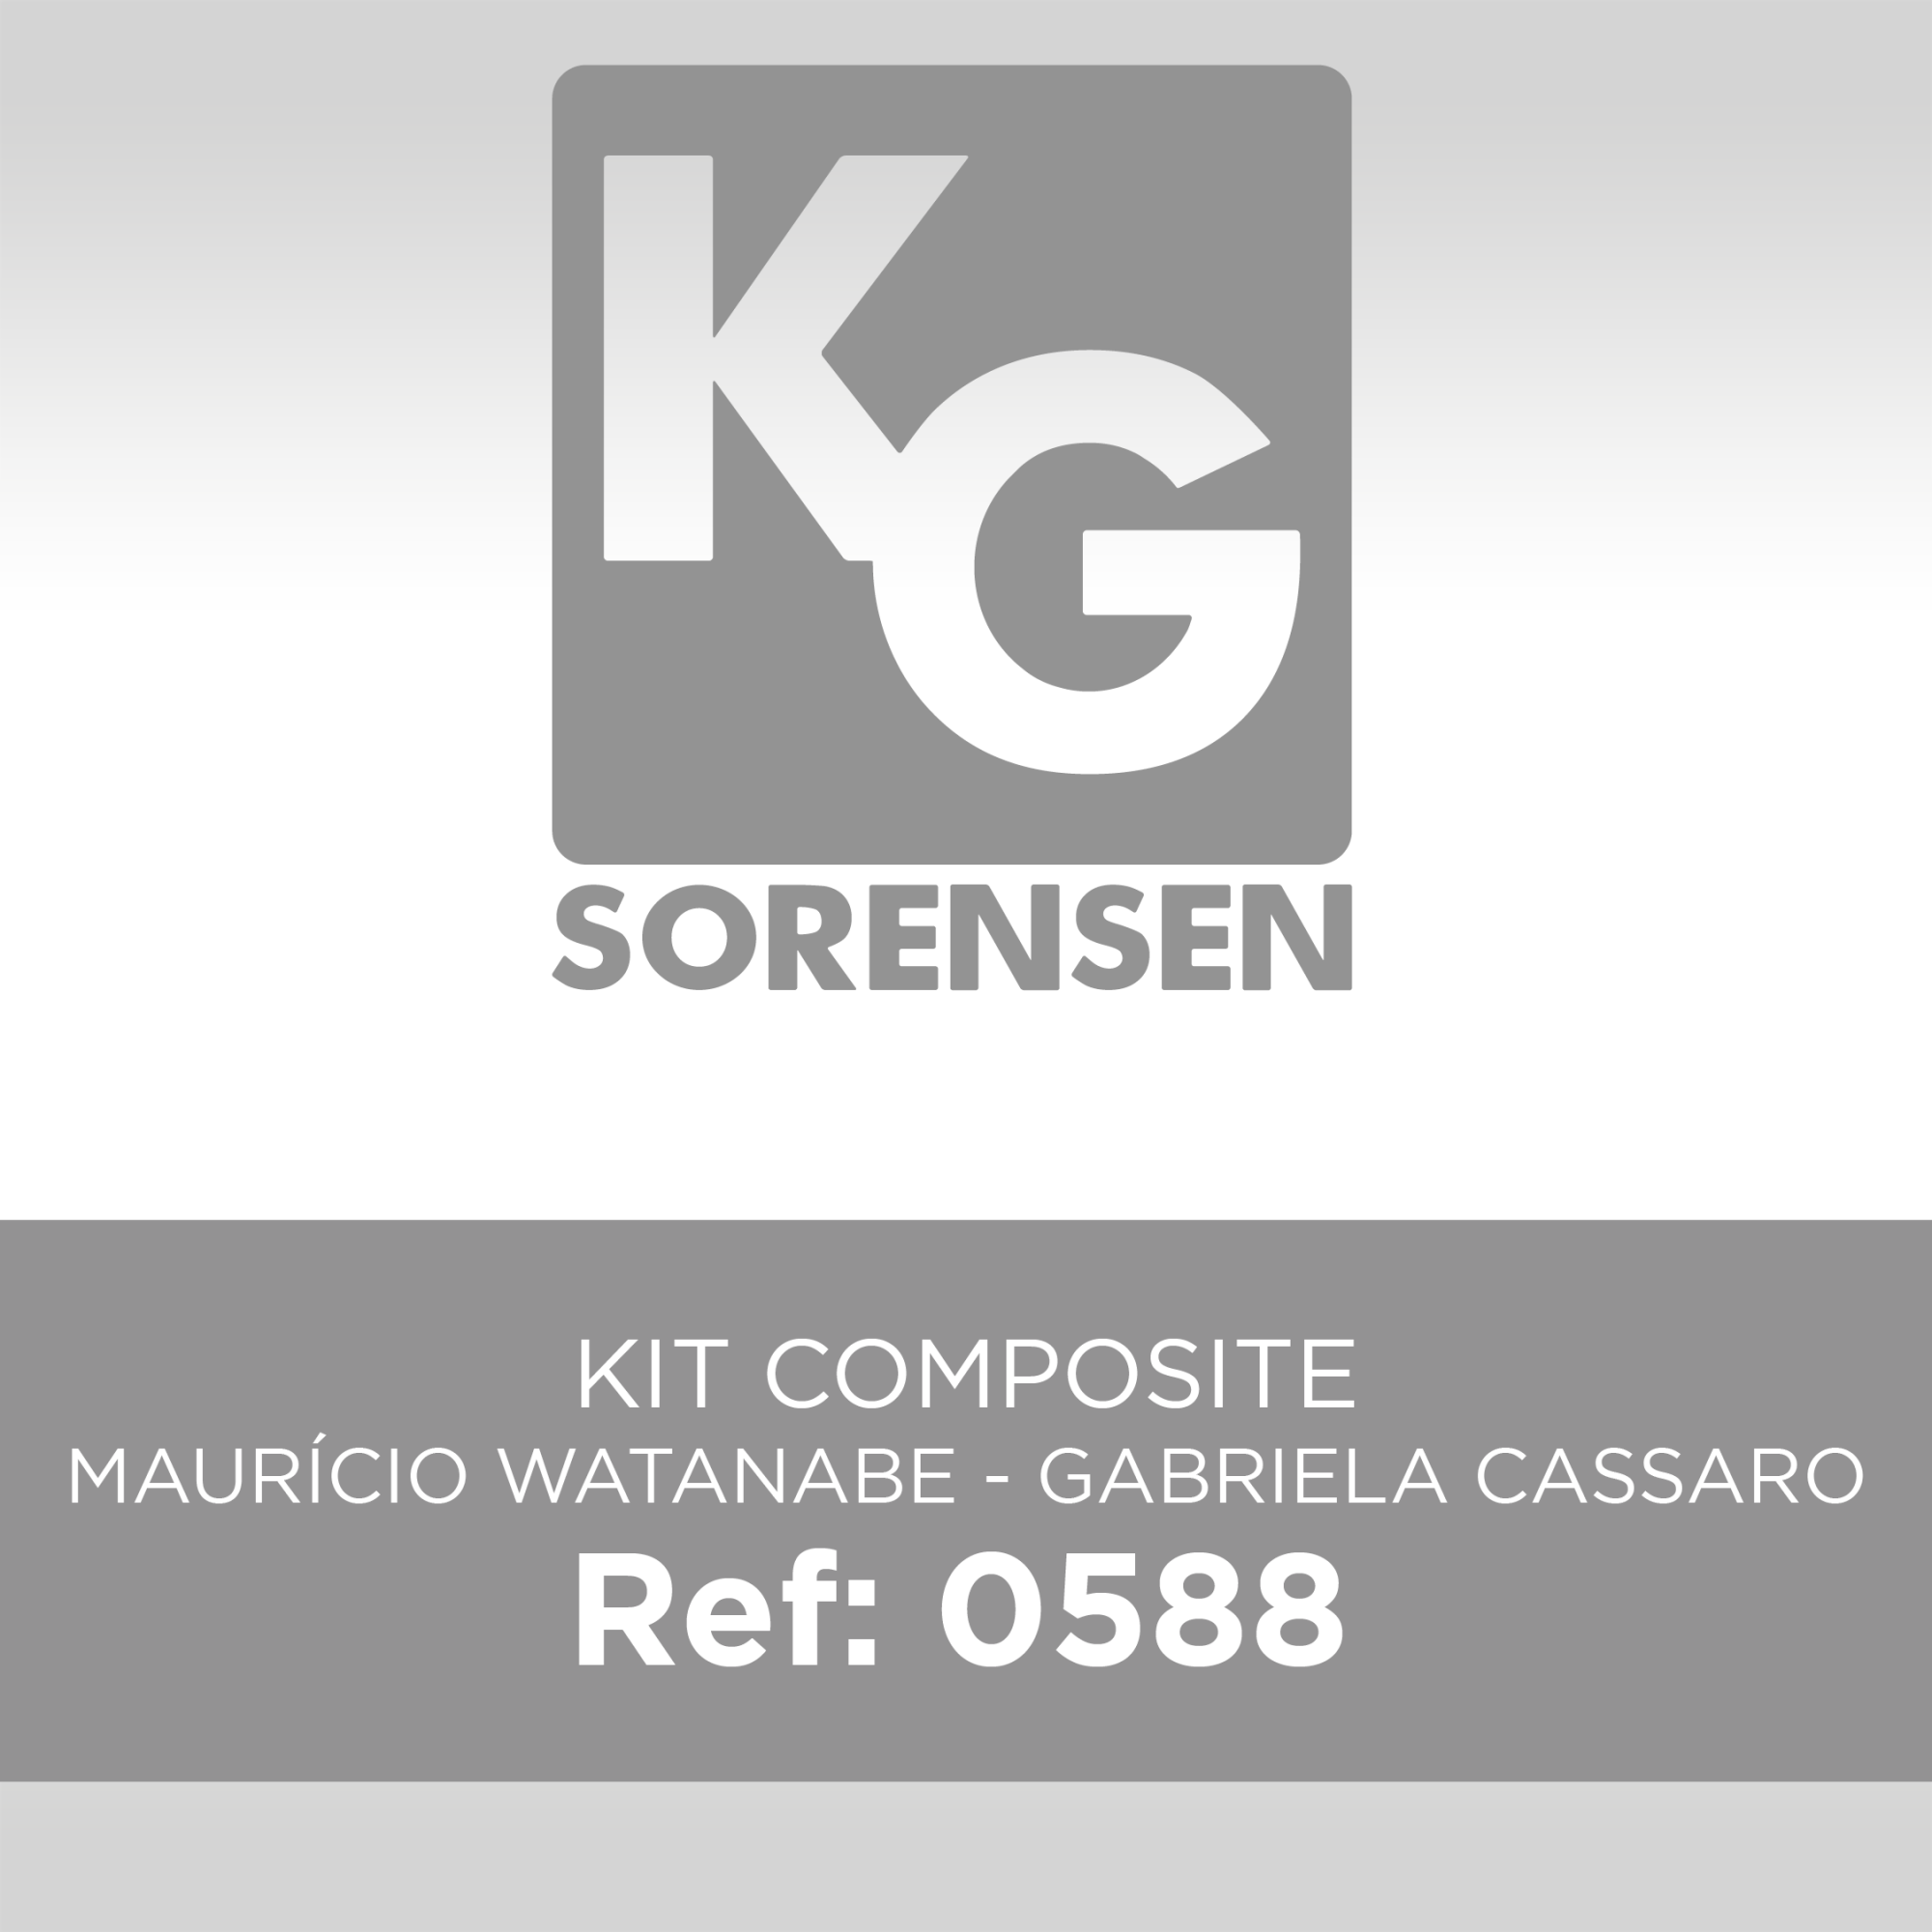 Kit Composite - Maurício Watanabe e Gabriela Cassaro - Ref.0588 - KG SORENSEN